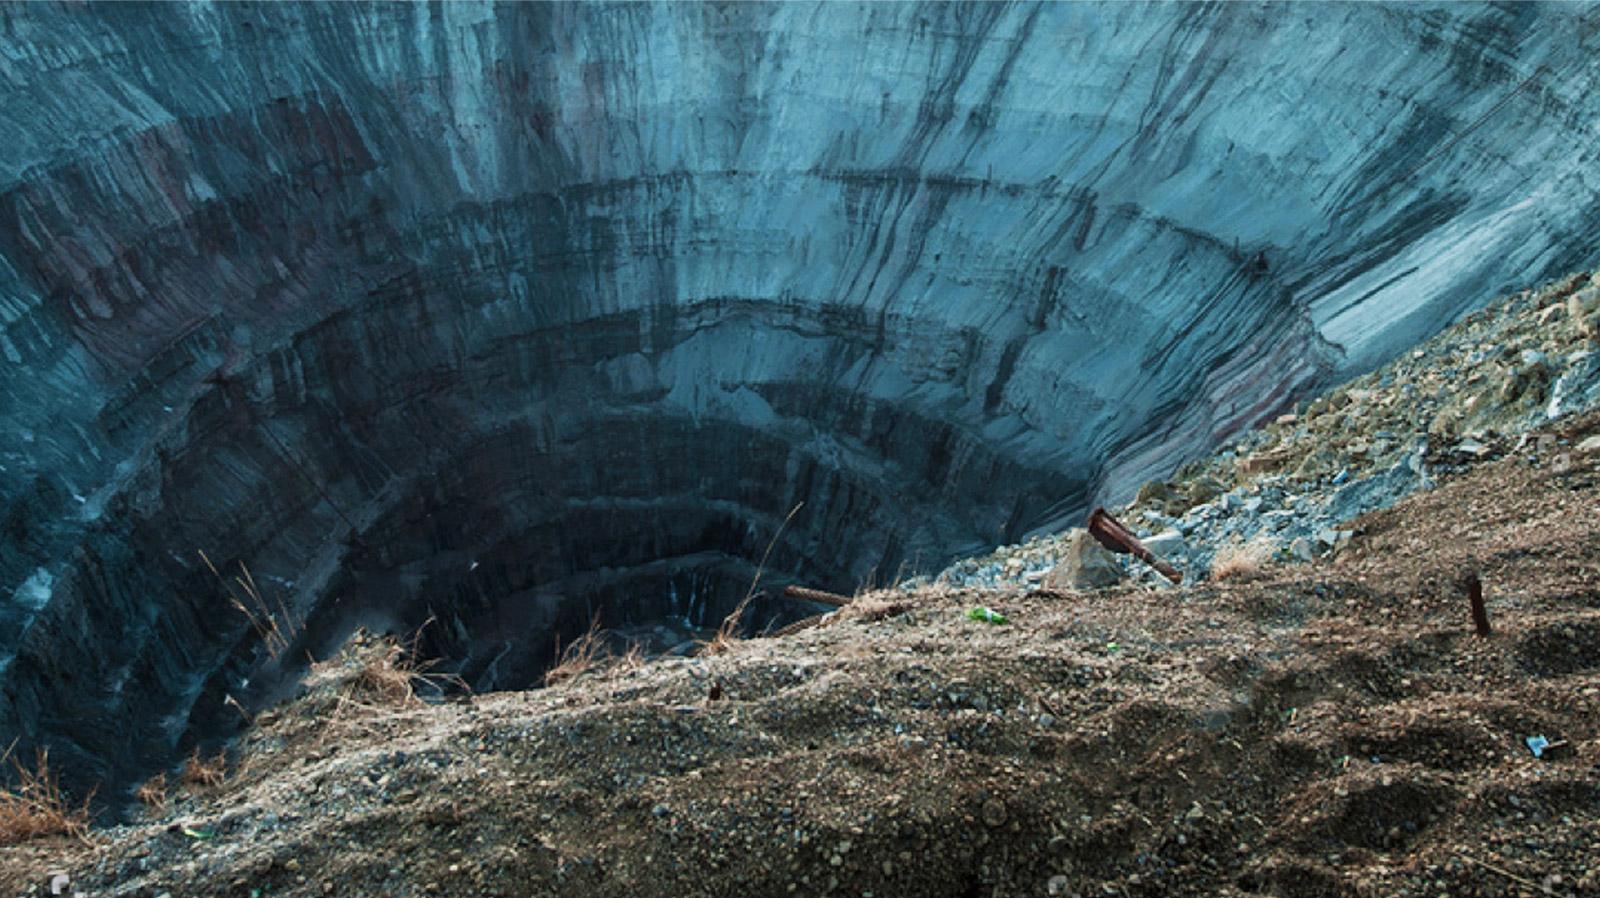 Nieczynna kopalnia diamentów